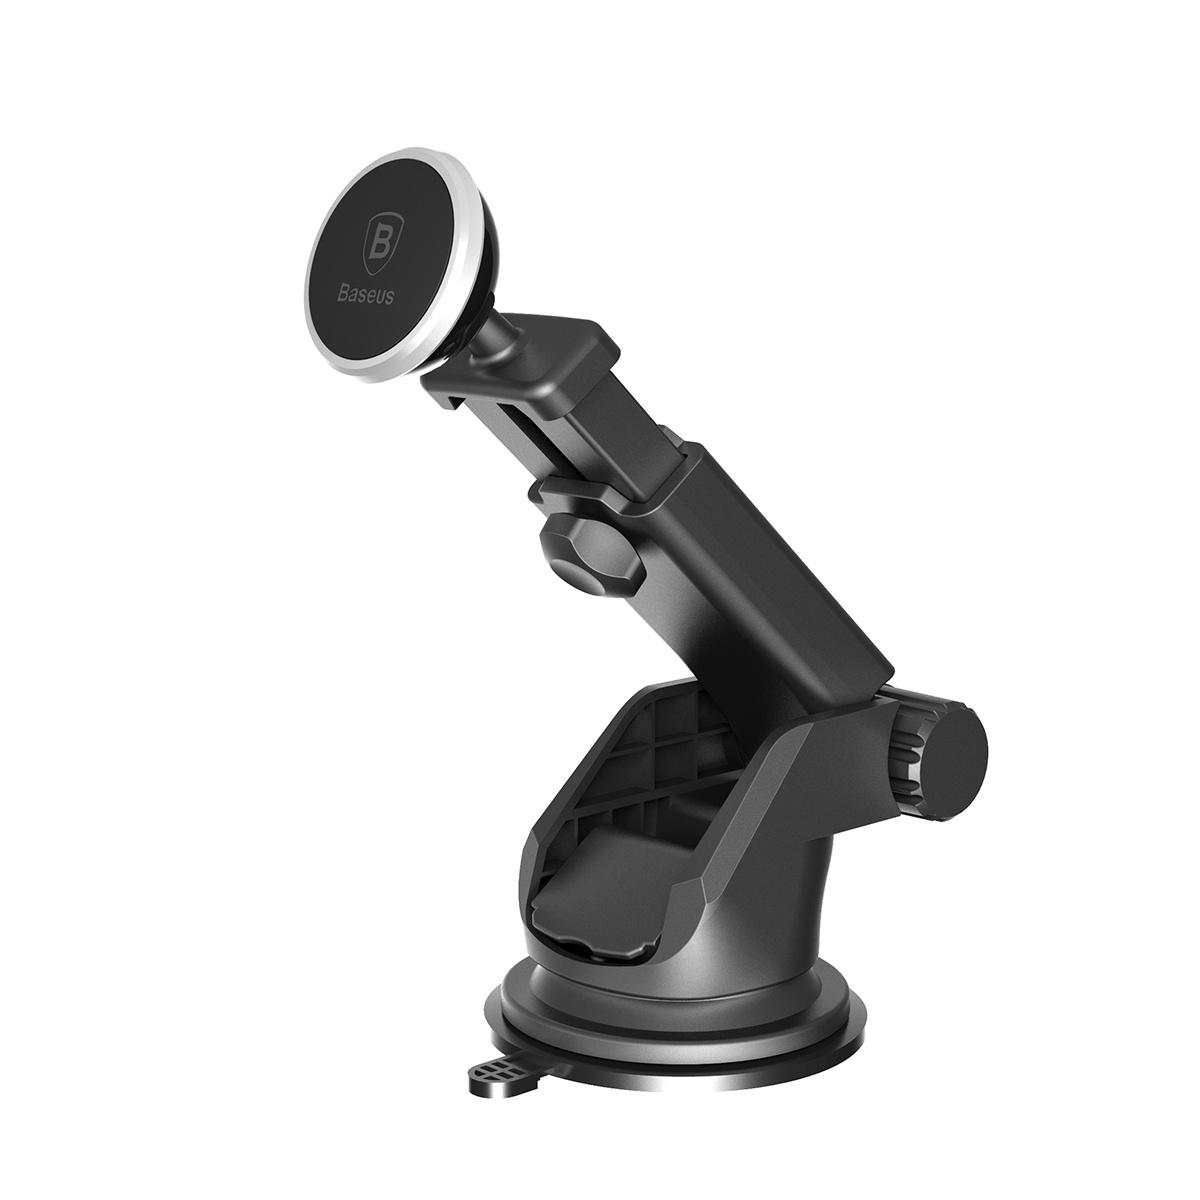 Фото - Магнитный автомобильный держатель Baseus Solid Series Telescopic Magnetic Car Mount SULX-0S (серебристый) [супермаркет] jingdong геб scybe фил приблизительно круглая чашка установлена в вертикальном положении стеклянной чашки 290мла 6 z